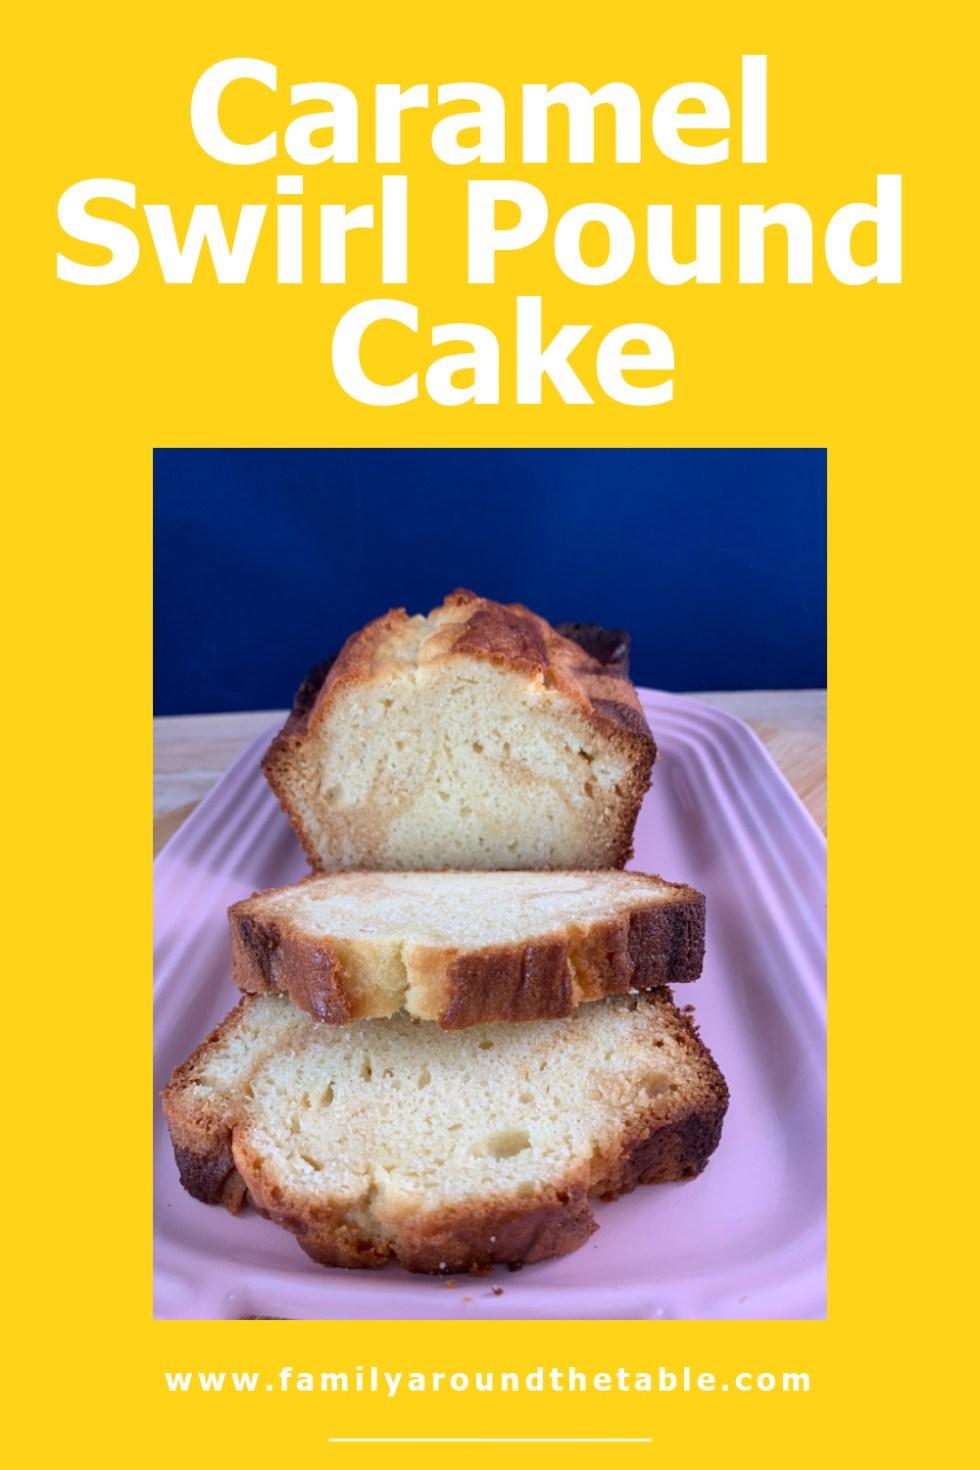 Caramel Swirl Pound Cake Pinterest Image